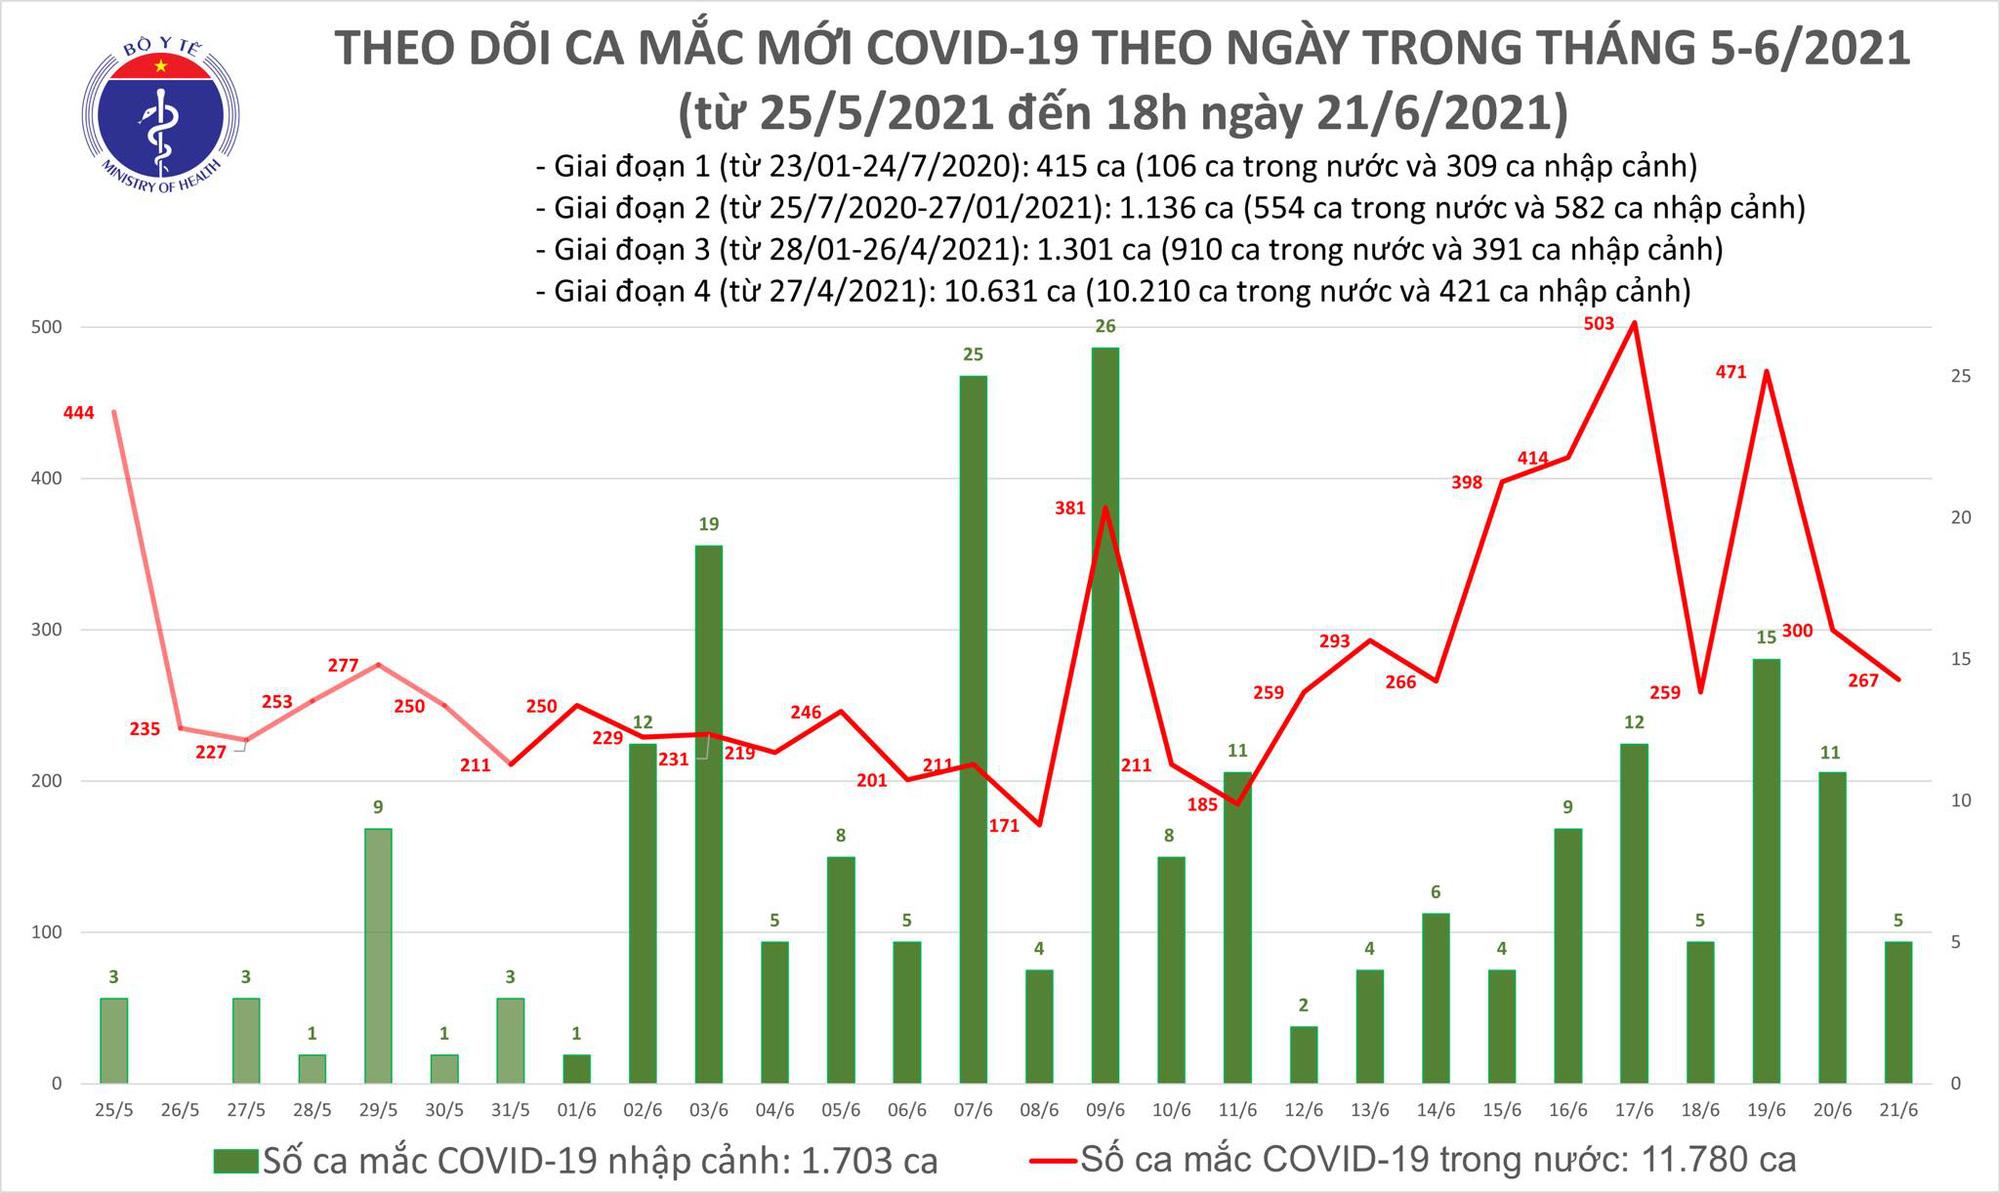 Tối 21/6: Thêm 135 ca mắc COVID-19, riêng TP HCM 70 trường hợp - Ảnh 1.